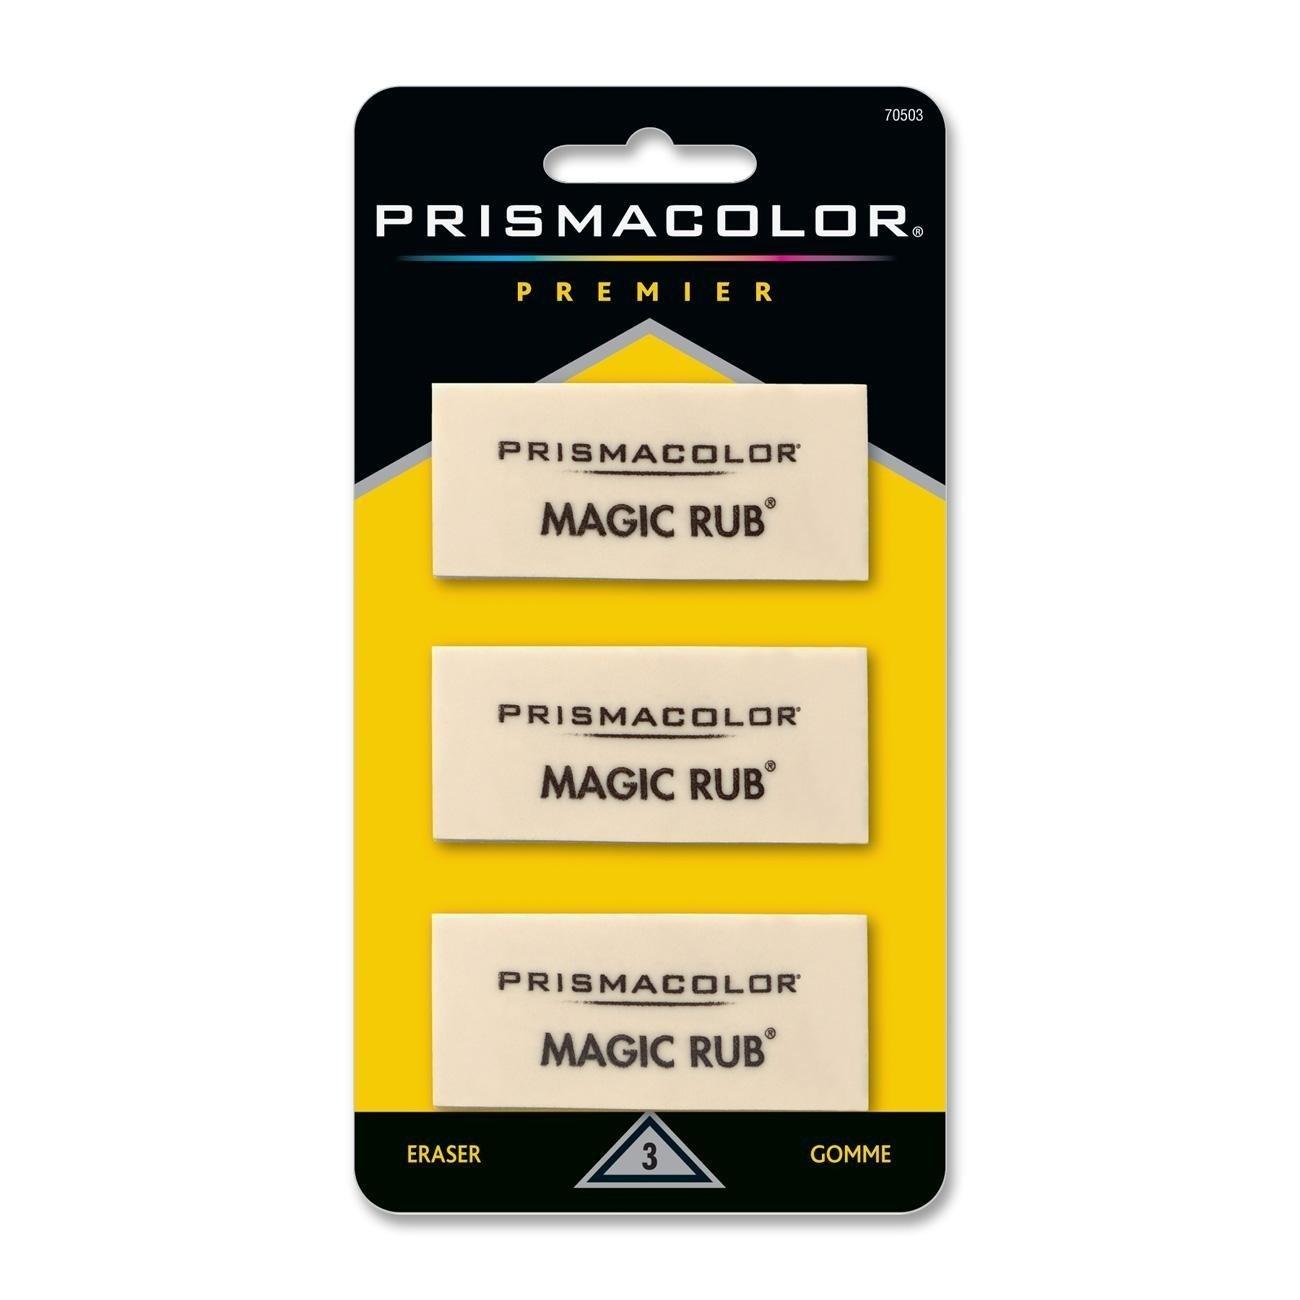 Prismacolor Scholar Colored Pencil Sharpener (1774266) with Sanford Prismacolor Magic Eraser (70503)